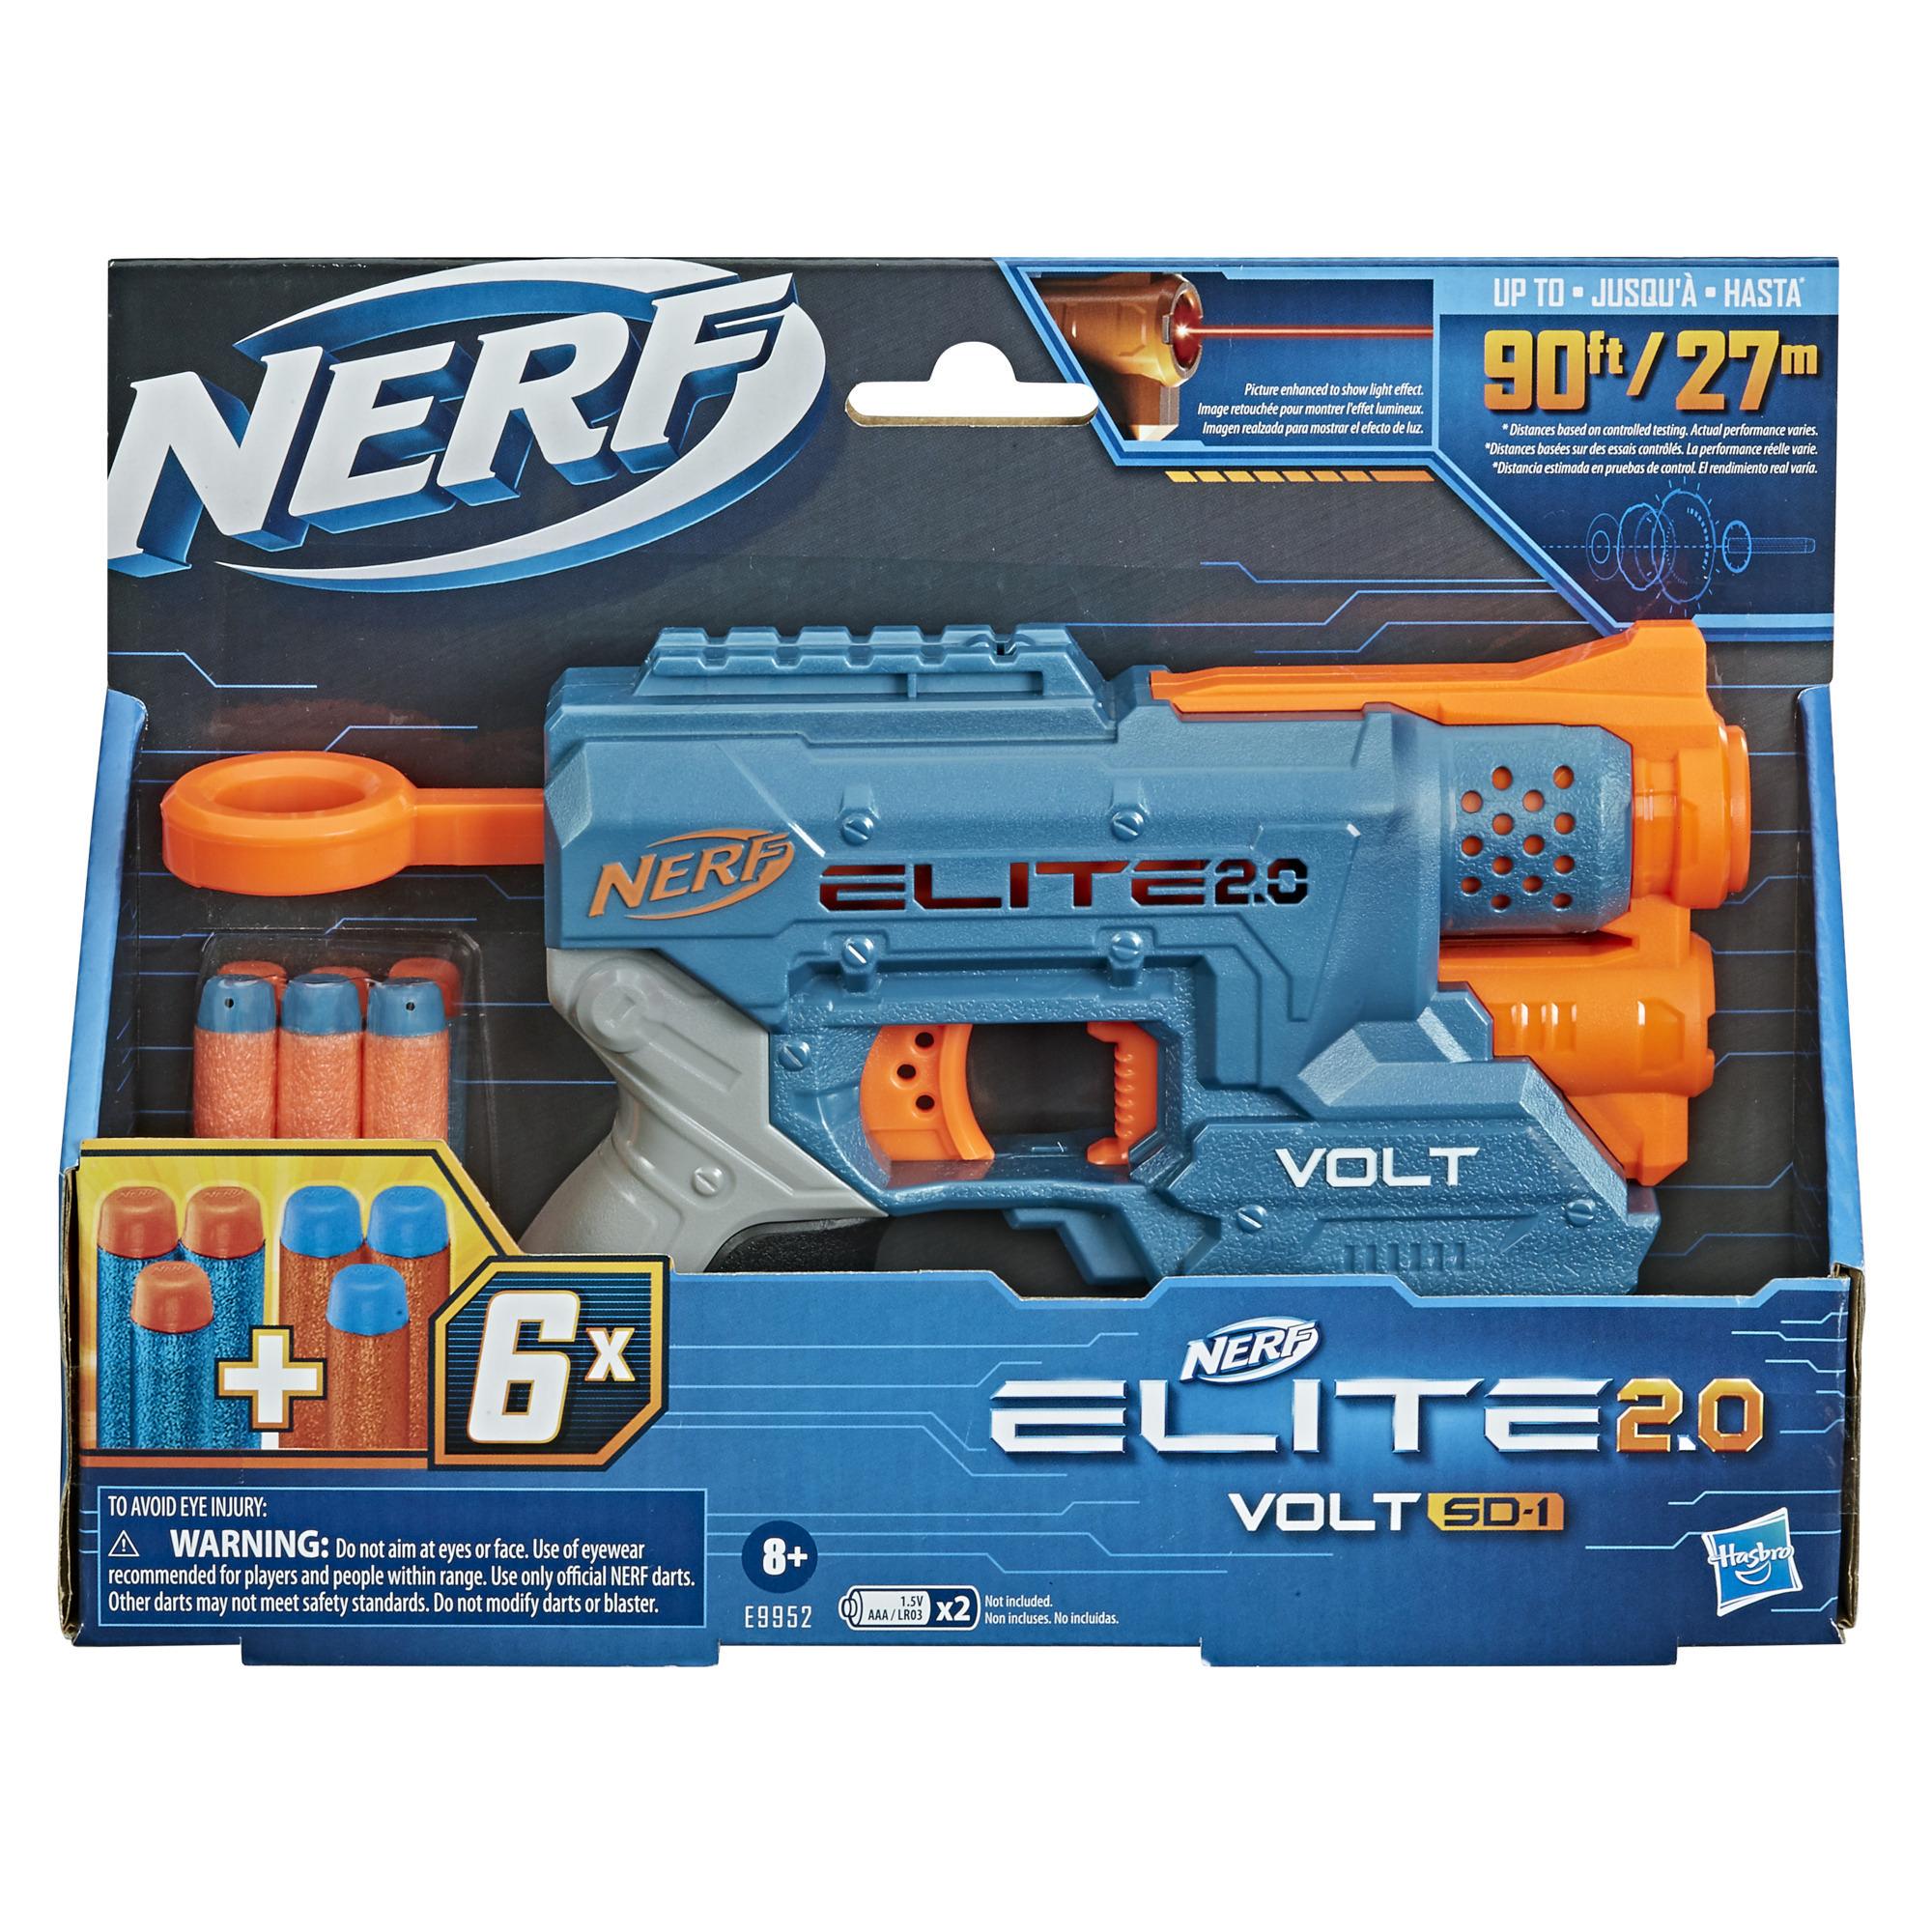 Nerf Elite 2.0, blaster Volt SD-1, 6 fléchettes Nerf, faisceau lumineux, rangement pour 2 fléchettes, 2 rails tactiques